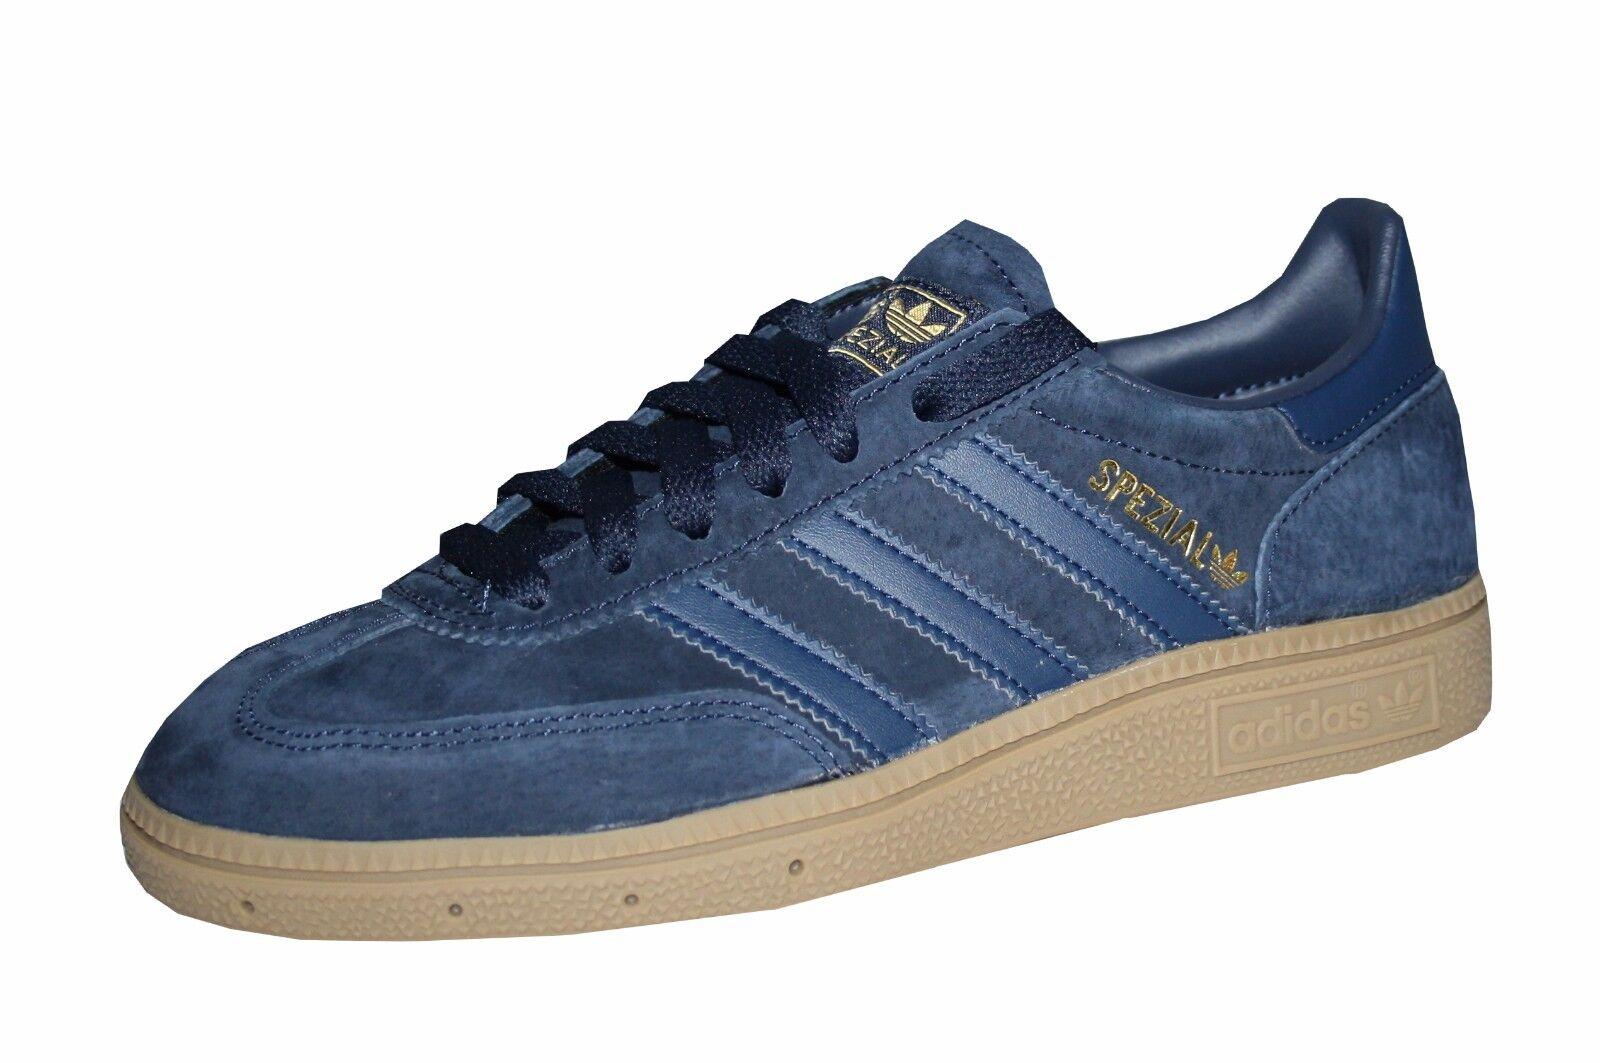 ADIDAS Originals Speciale Sneaker da donna per il tempo libero Scarpe Scarpe Sportive Blu Tg. 36